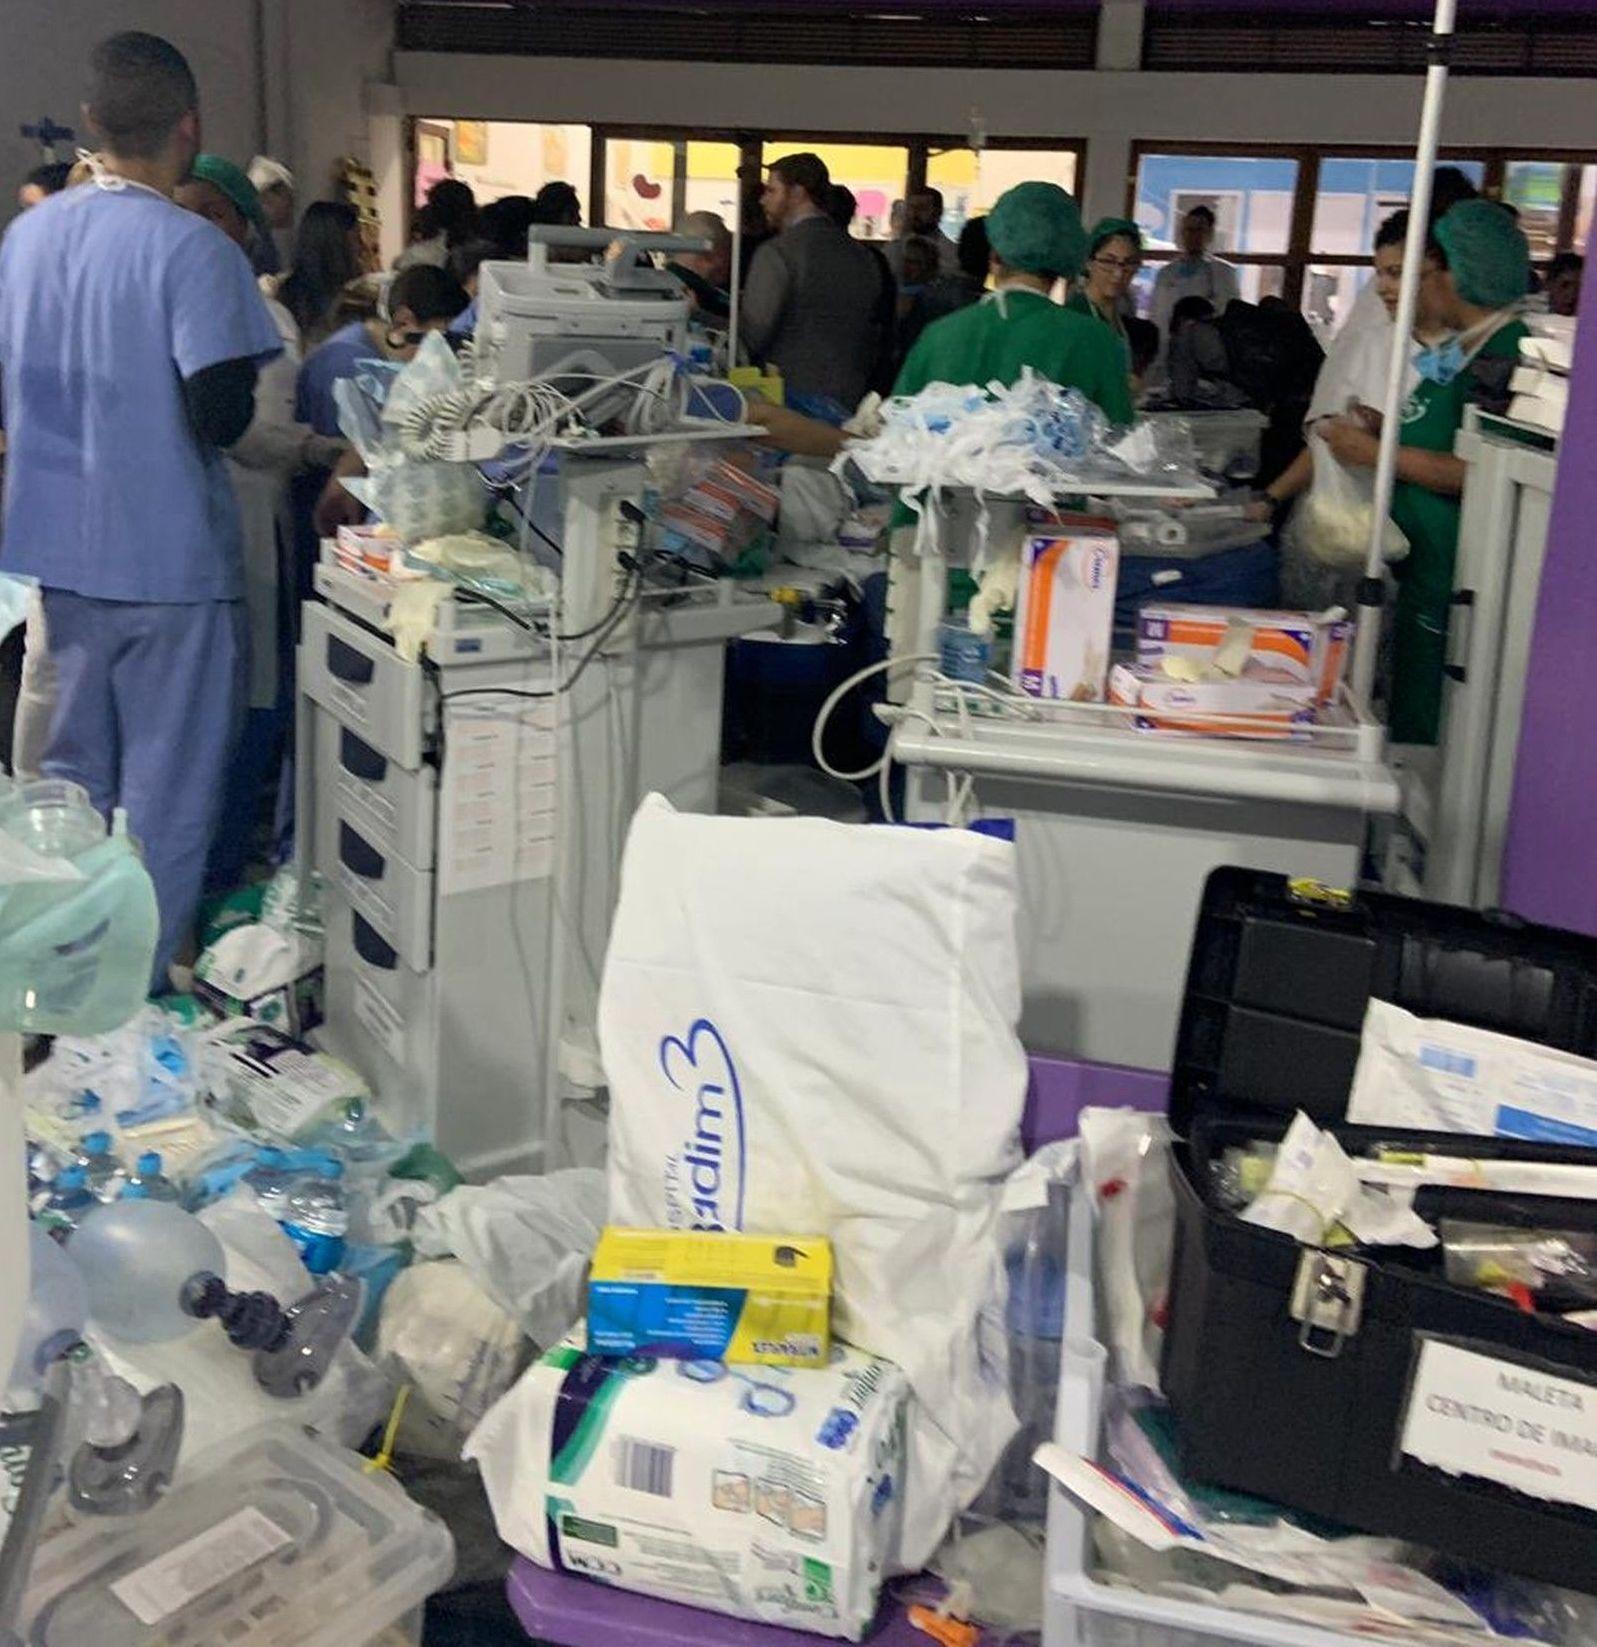 Pelo menos 50 pacientes que estavam internados no CTI foram transferidos para uma creche em frente ao Hospital Badim após o incêndio